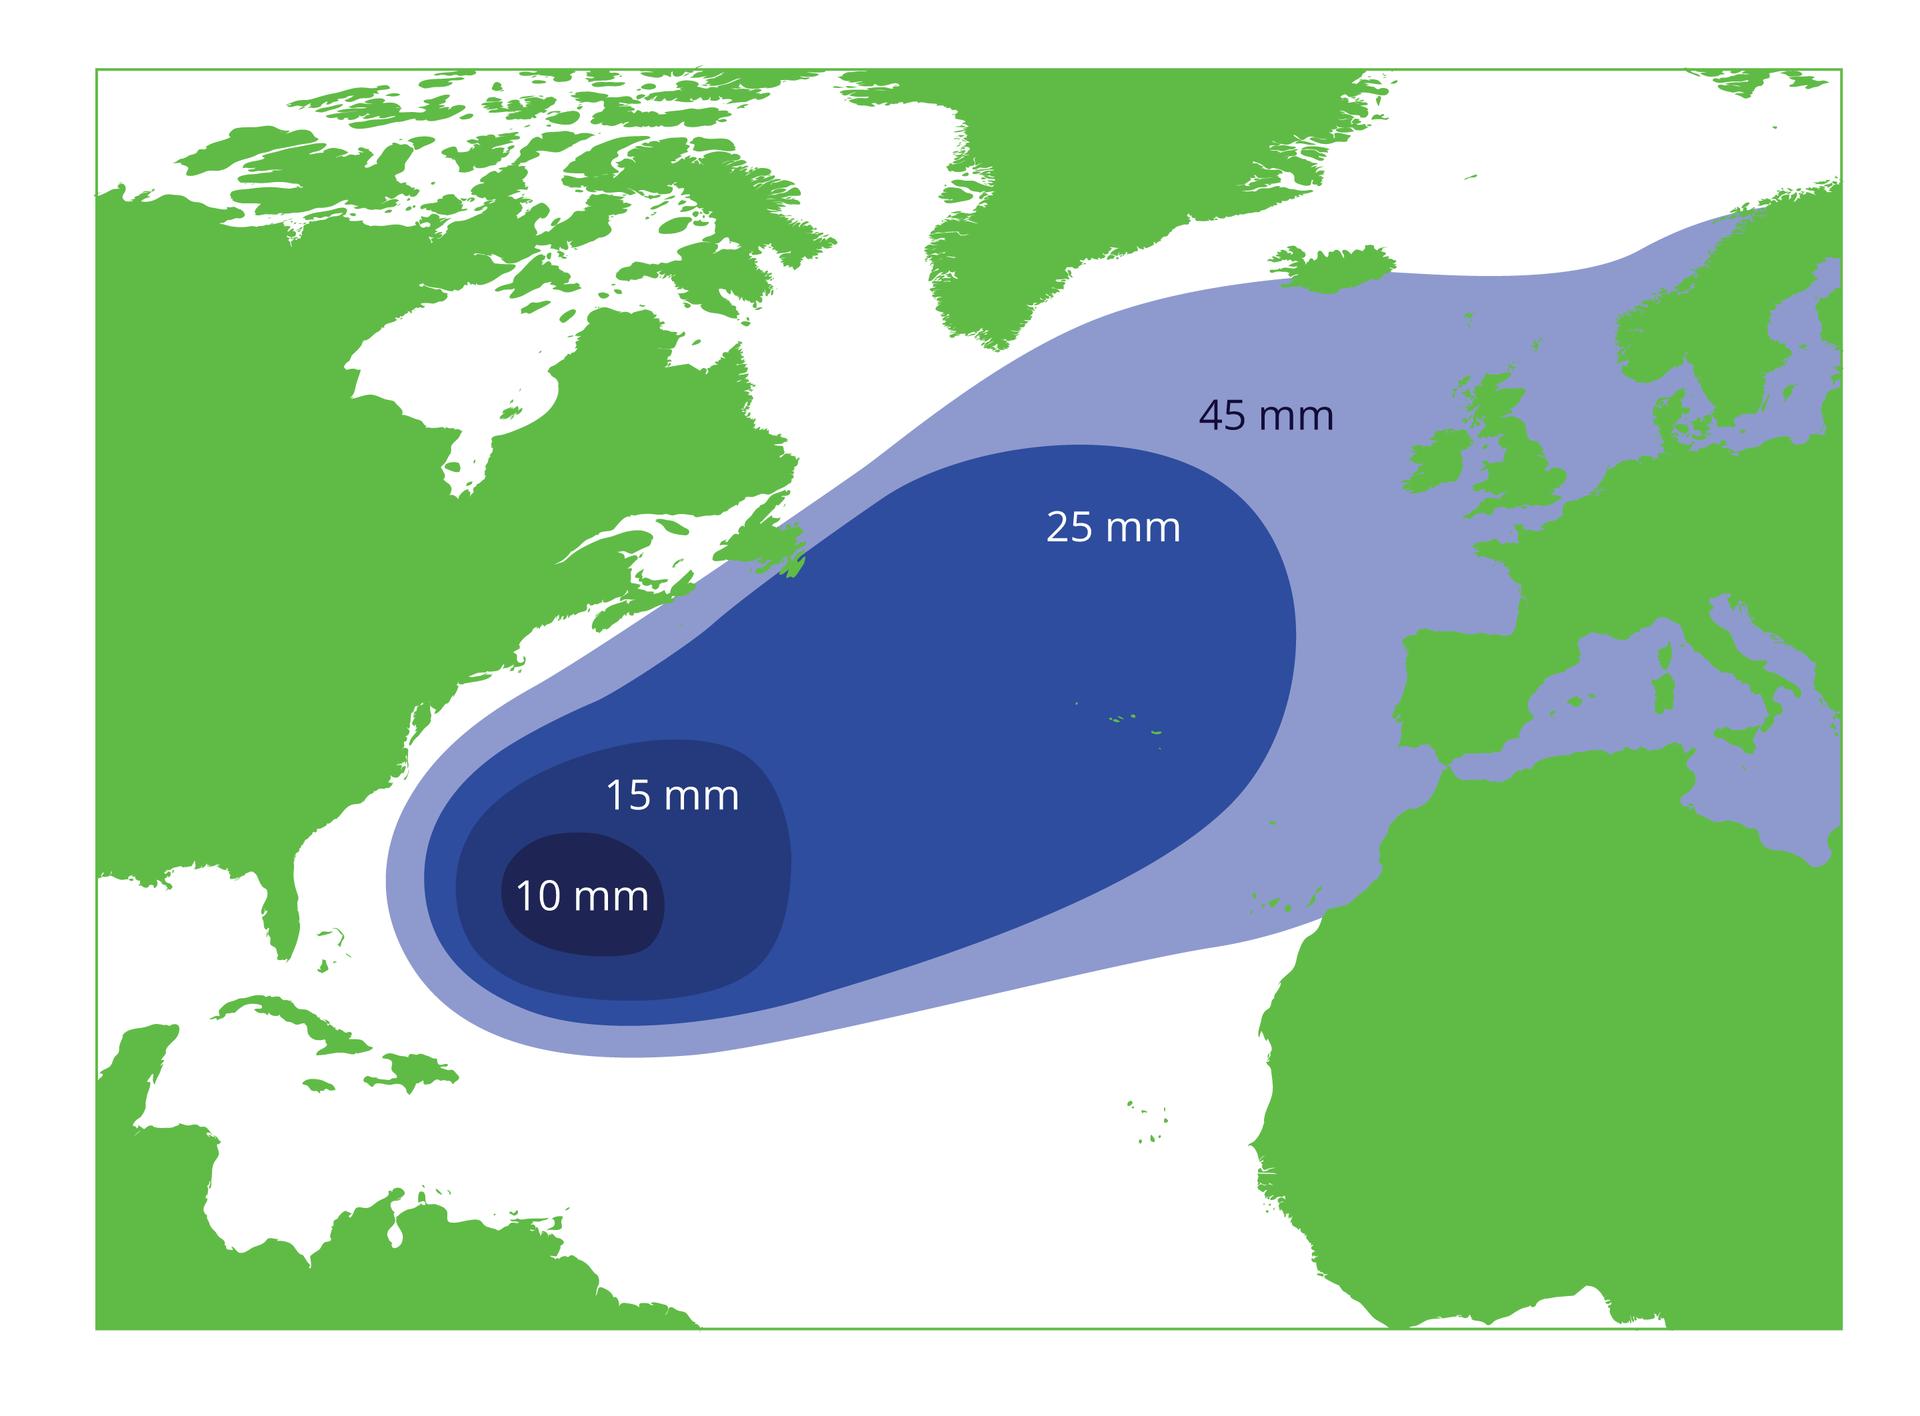 Ilustracja przedstawia fragment mapy północnej półkuli. Kontynenty wkolorze zielonym, morze białym. Na morzu koncentryczne owale wróżnych odcieniach niebieskiego. Wgranatowym polu miejsce tarła węgorza europejskiego wMorzu Sargassowym. Liczby pokazują średnią wielkość narybku, dryfującego zprądem zatokowym zpowrotem do rzek, zktórych przypłynęły osobniki dorosłe. Ostania szaroniebieska nieregularna plama narybku owielkości 45 milimetrów sięga mórz: Północnego, Bałtyckiego iŚródziemnego.